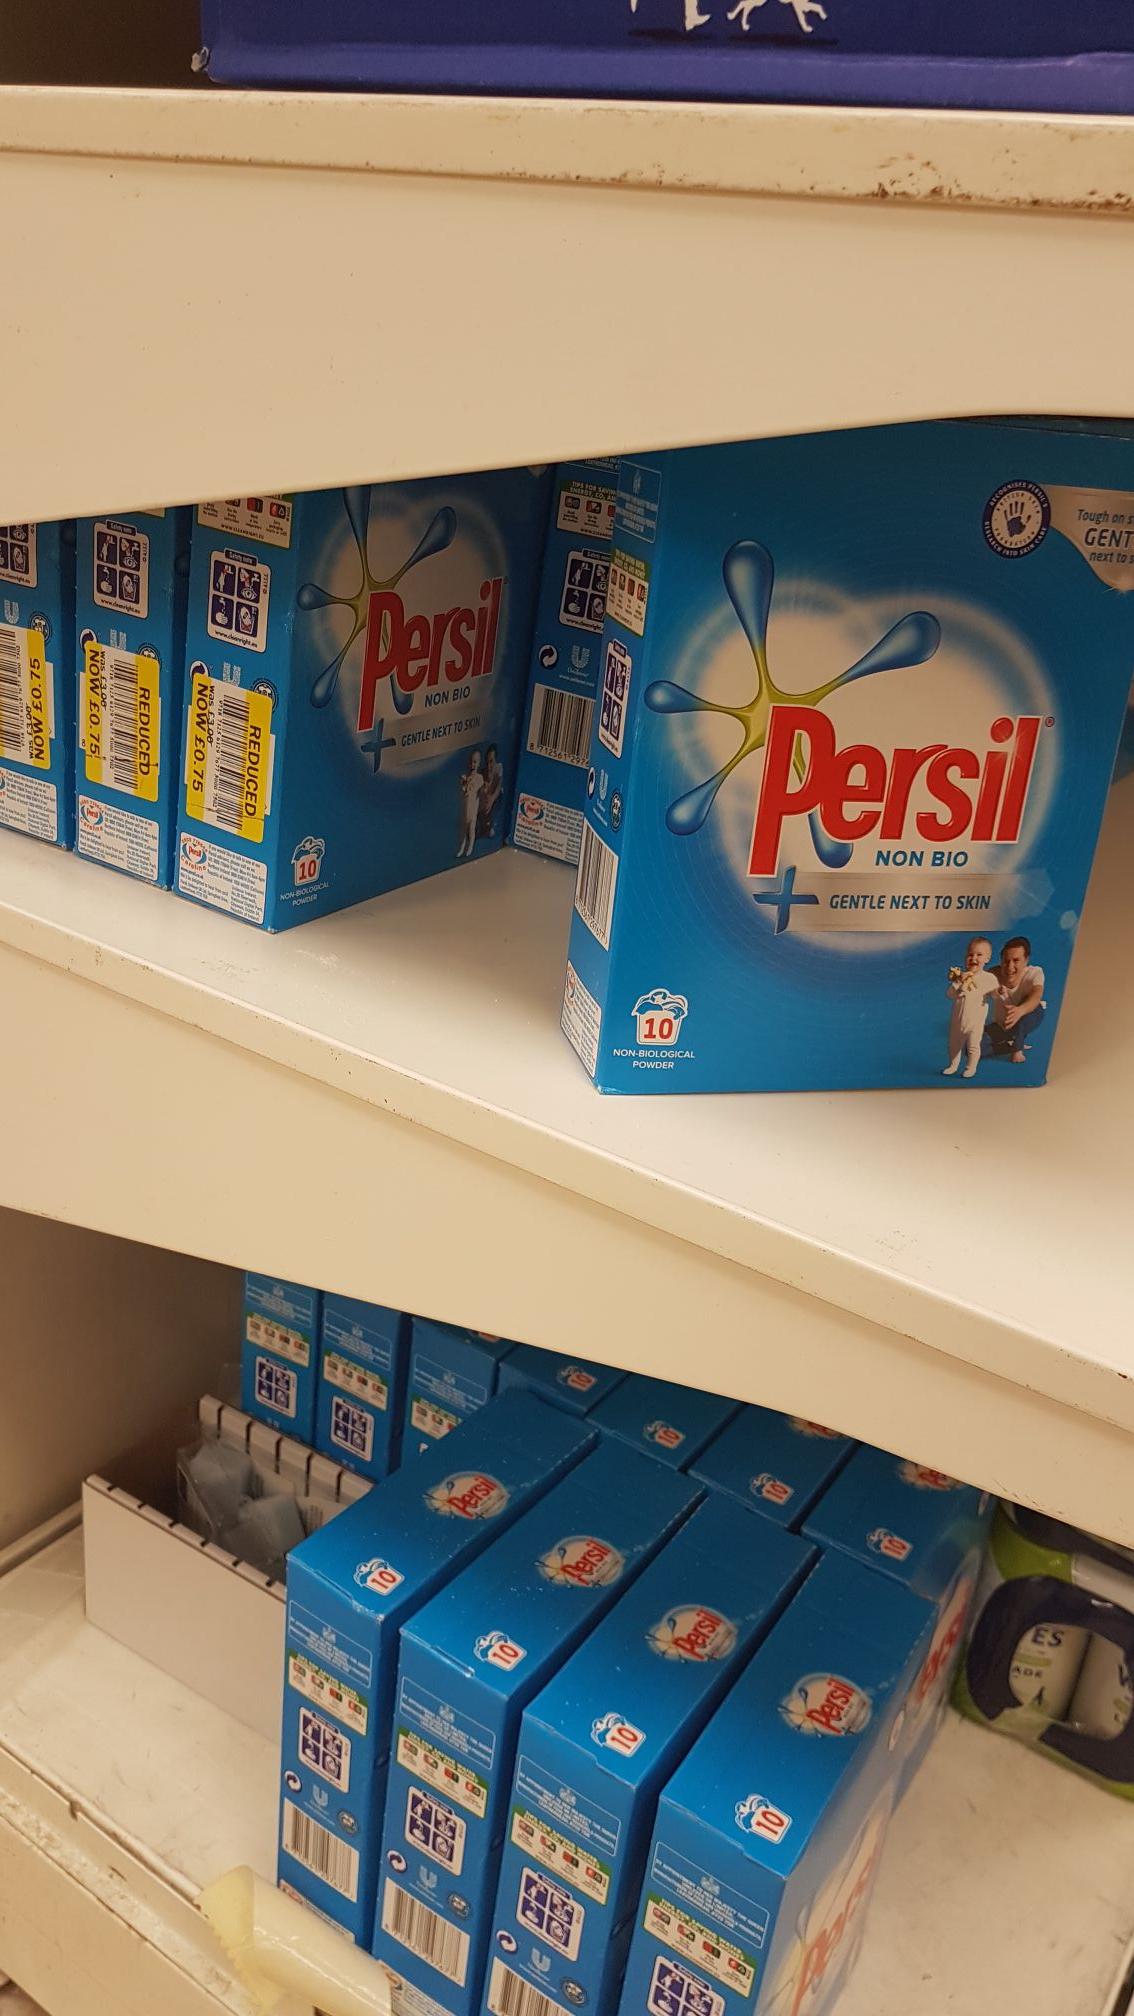 Persil non bio 10 wash tesco (York Clifton Moor store) - RTC - 75p